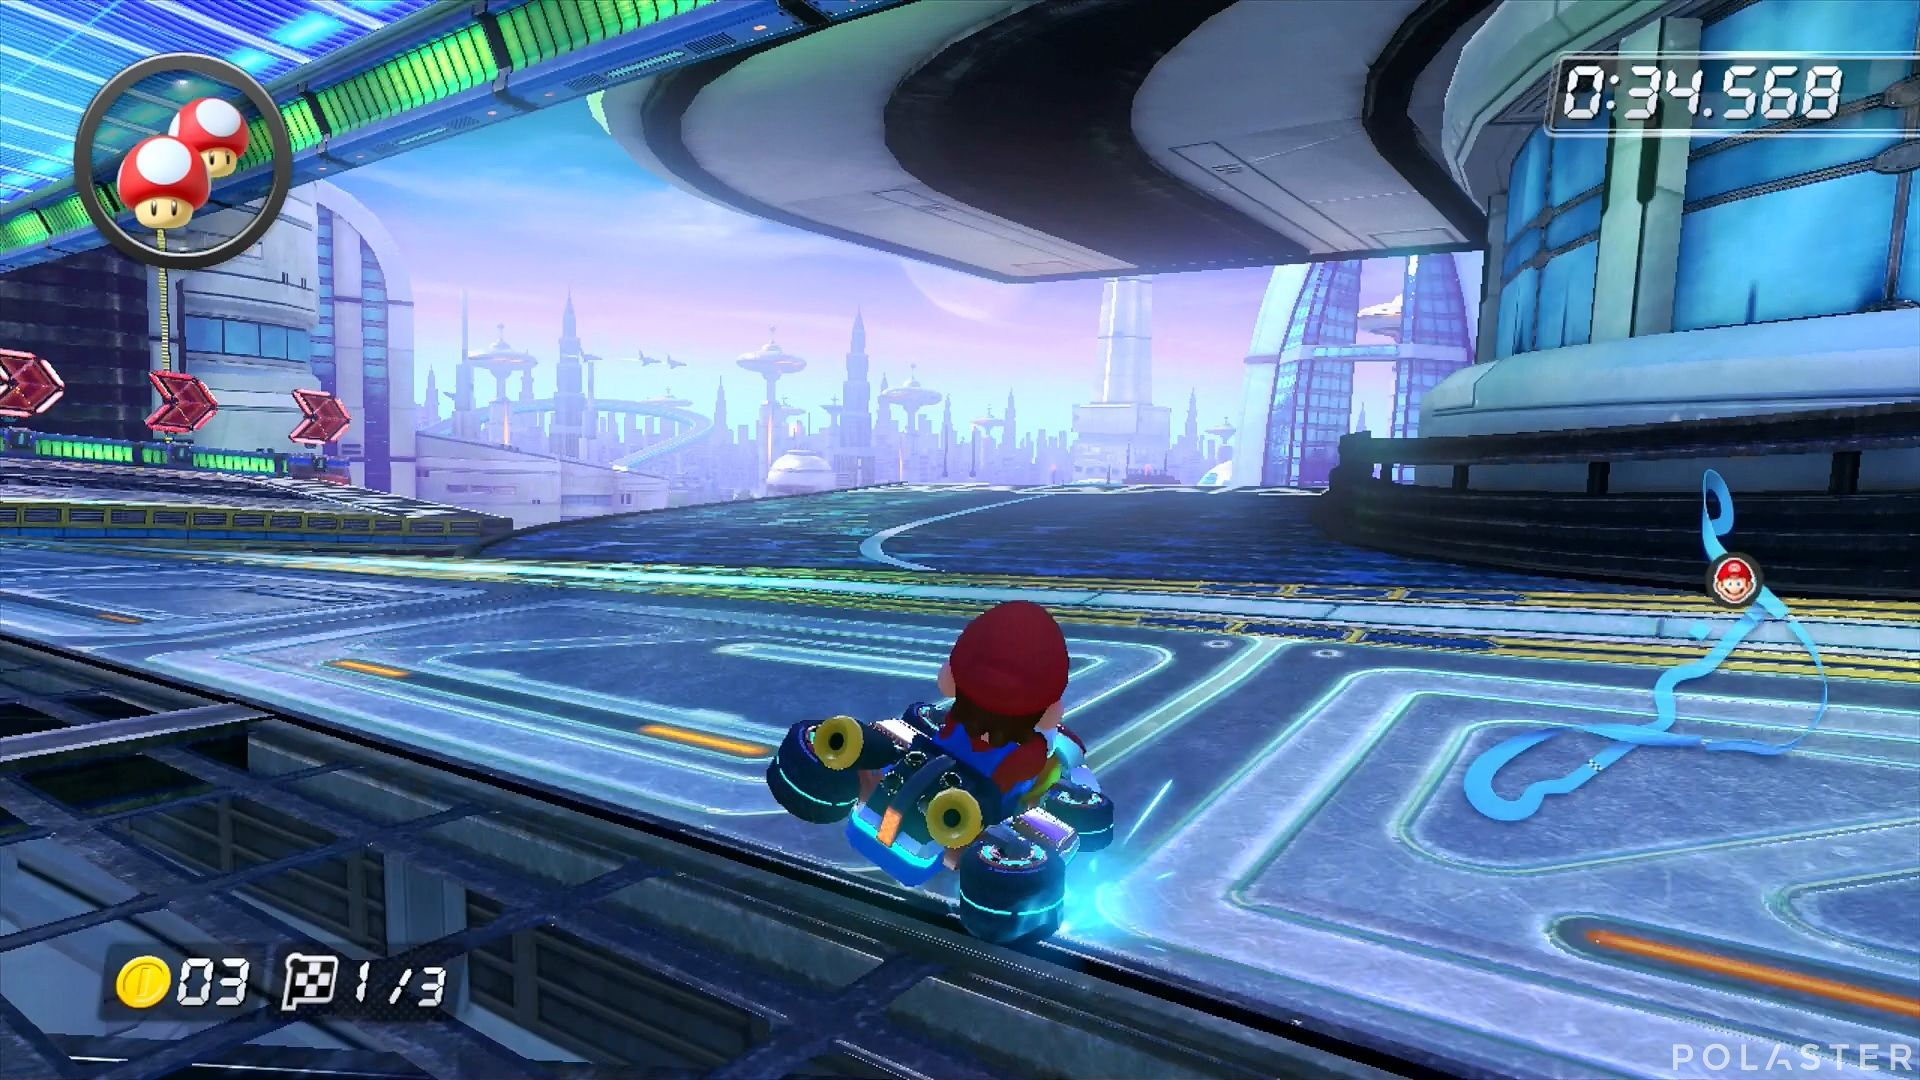 Mario Kart 8 - Mute City